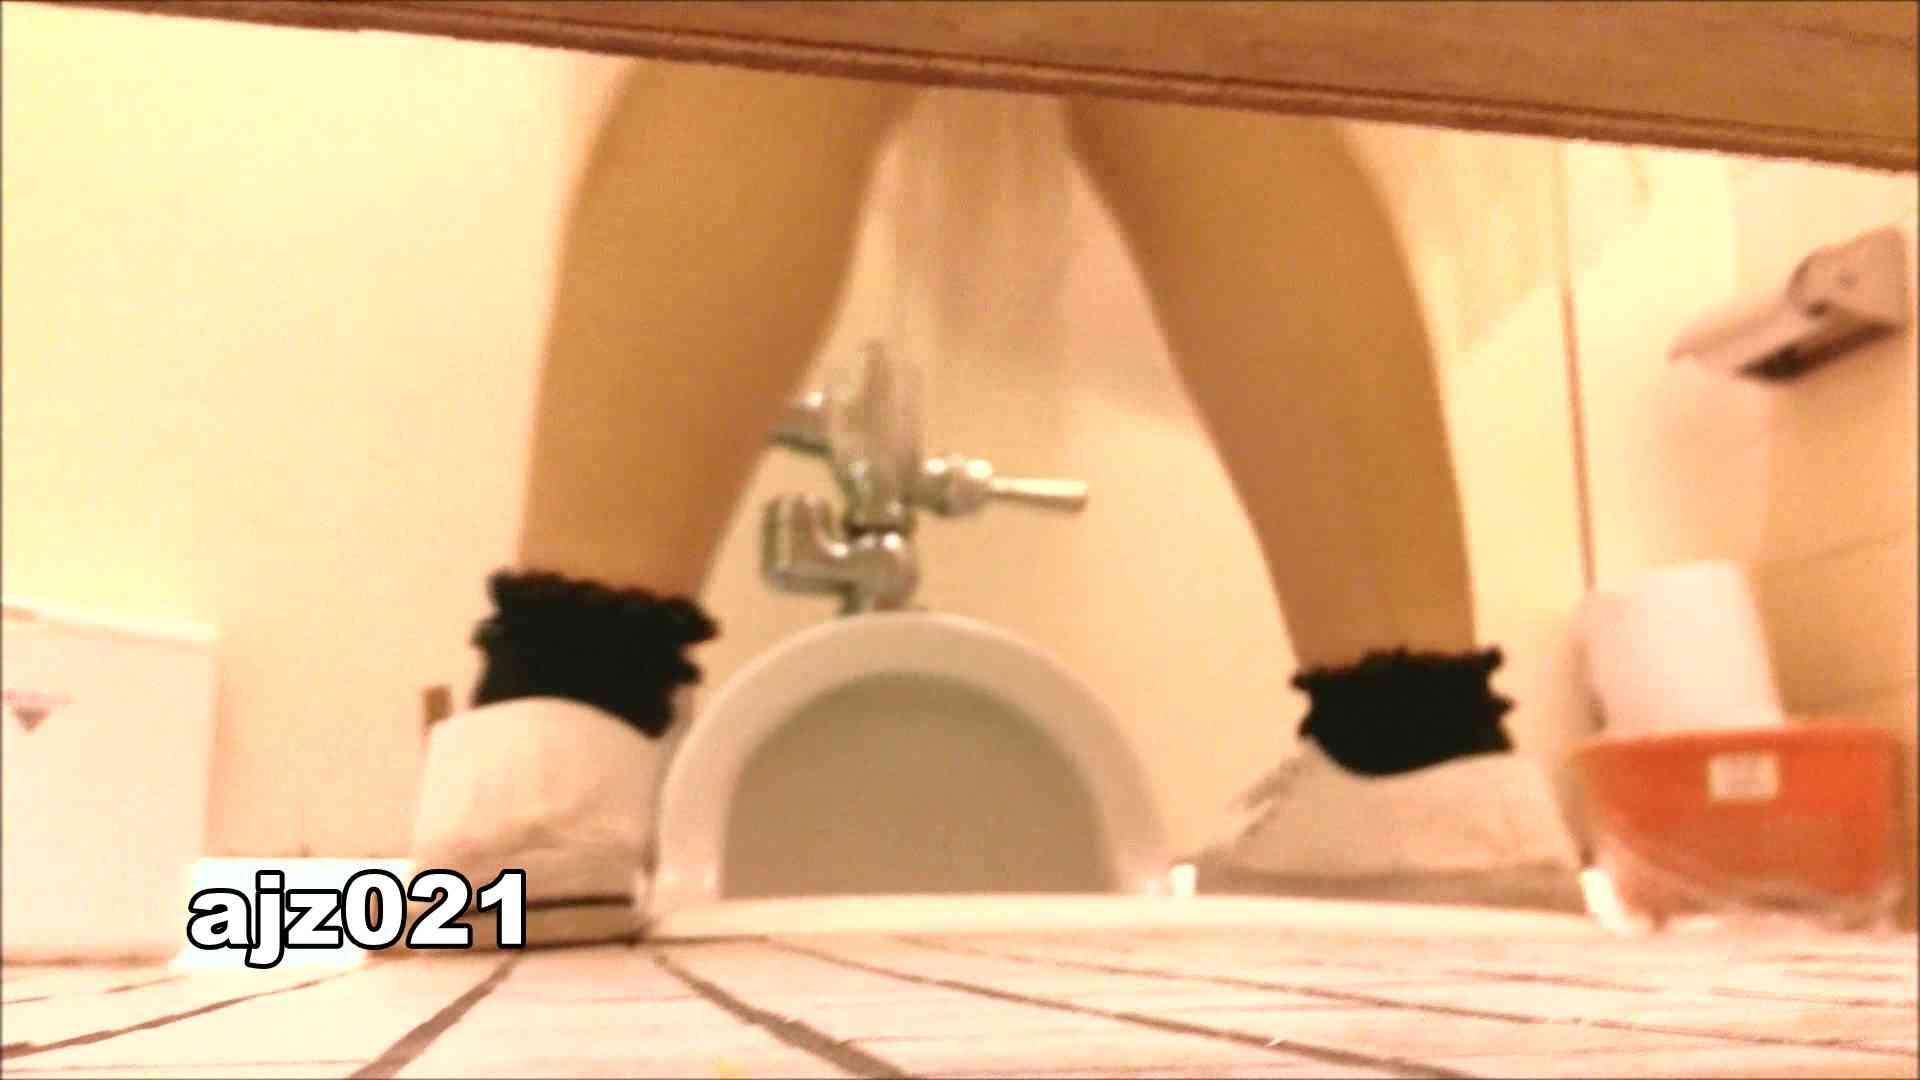 某有名大学女性洗面所 vol.21 OLセックス | 潜入  75画像 13